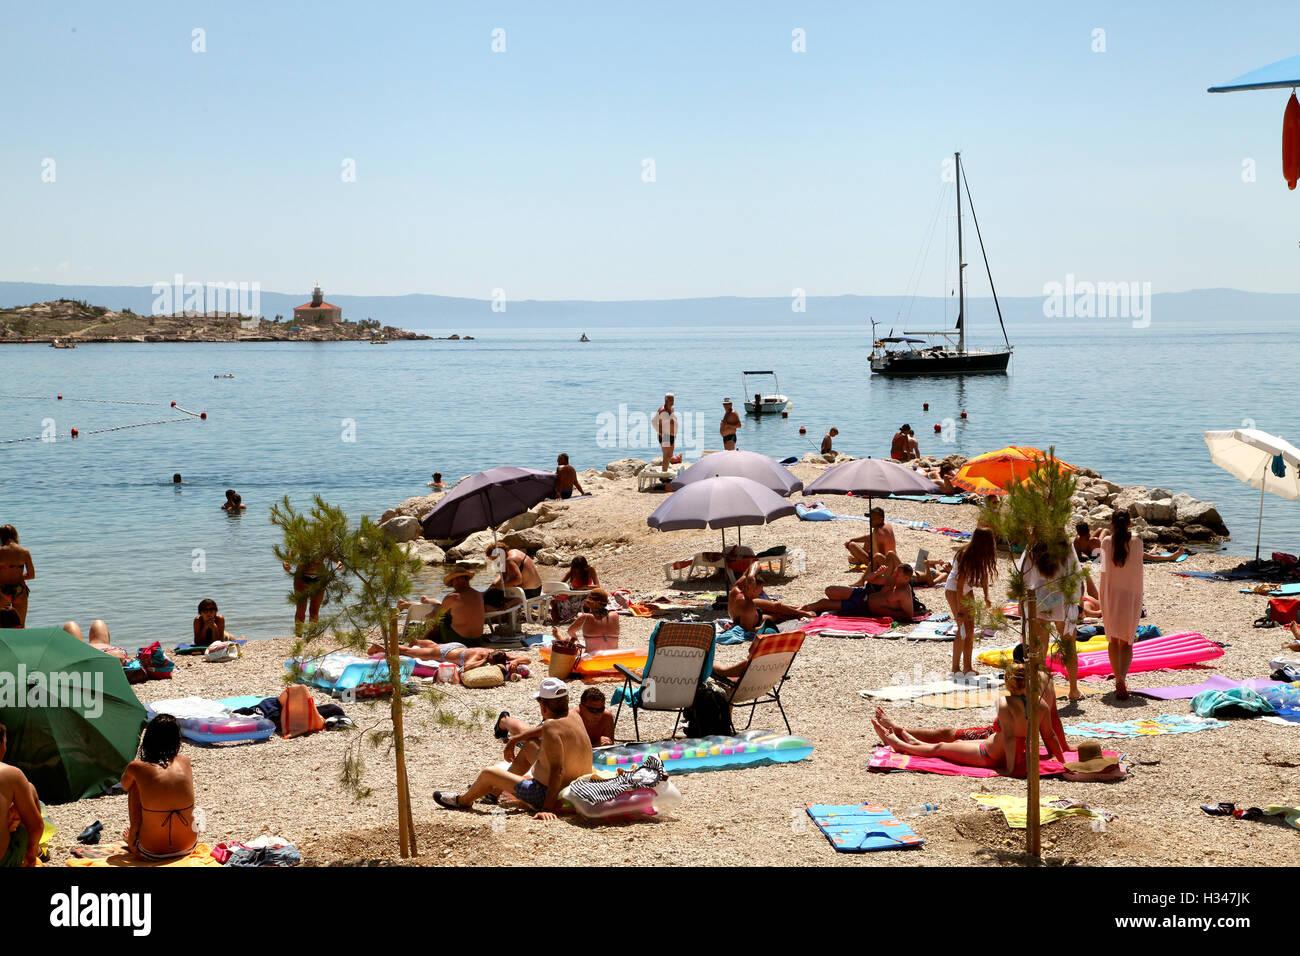 La ciudad debajo de la montaña de Biokovo y el mar Adriático ofrece hermosas playas Imagen De Stock